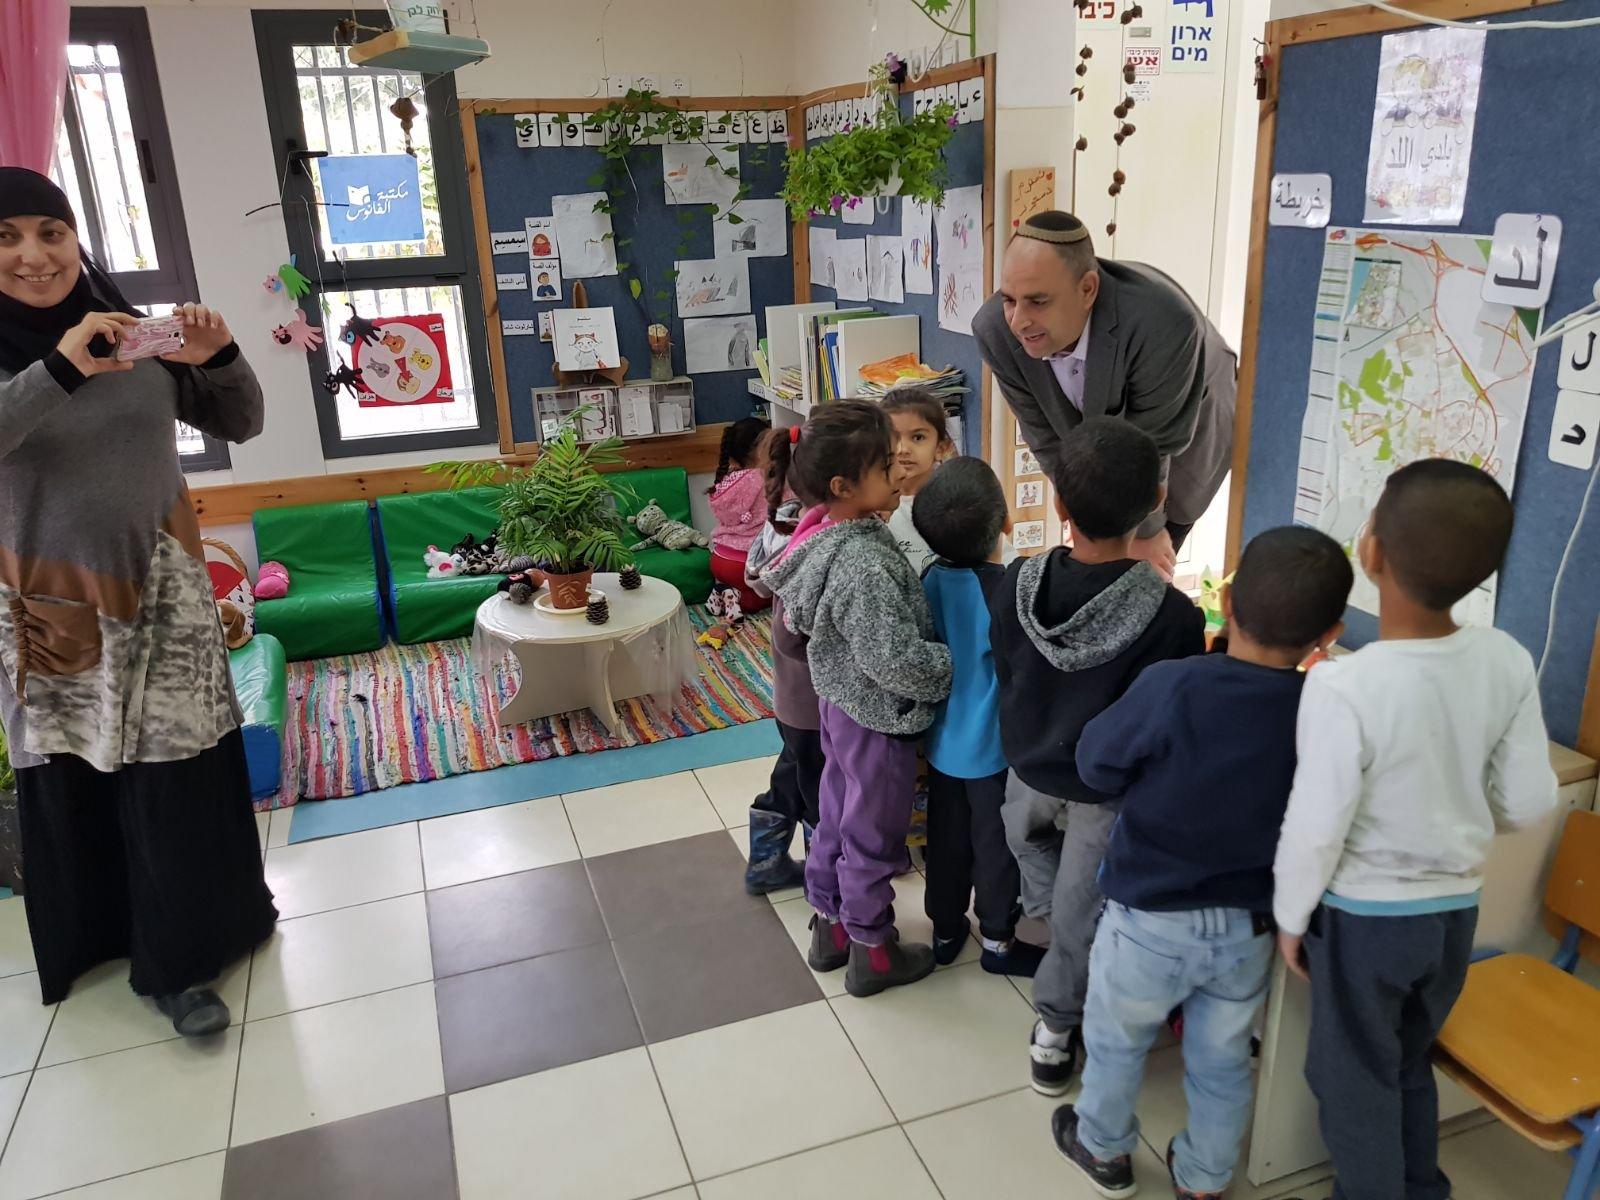 رئيس بلدية اللد يائير رفيفو يسرد للأطفال العرب قصة عن أهمية الحفاظ على البيئة